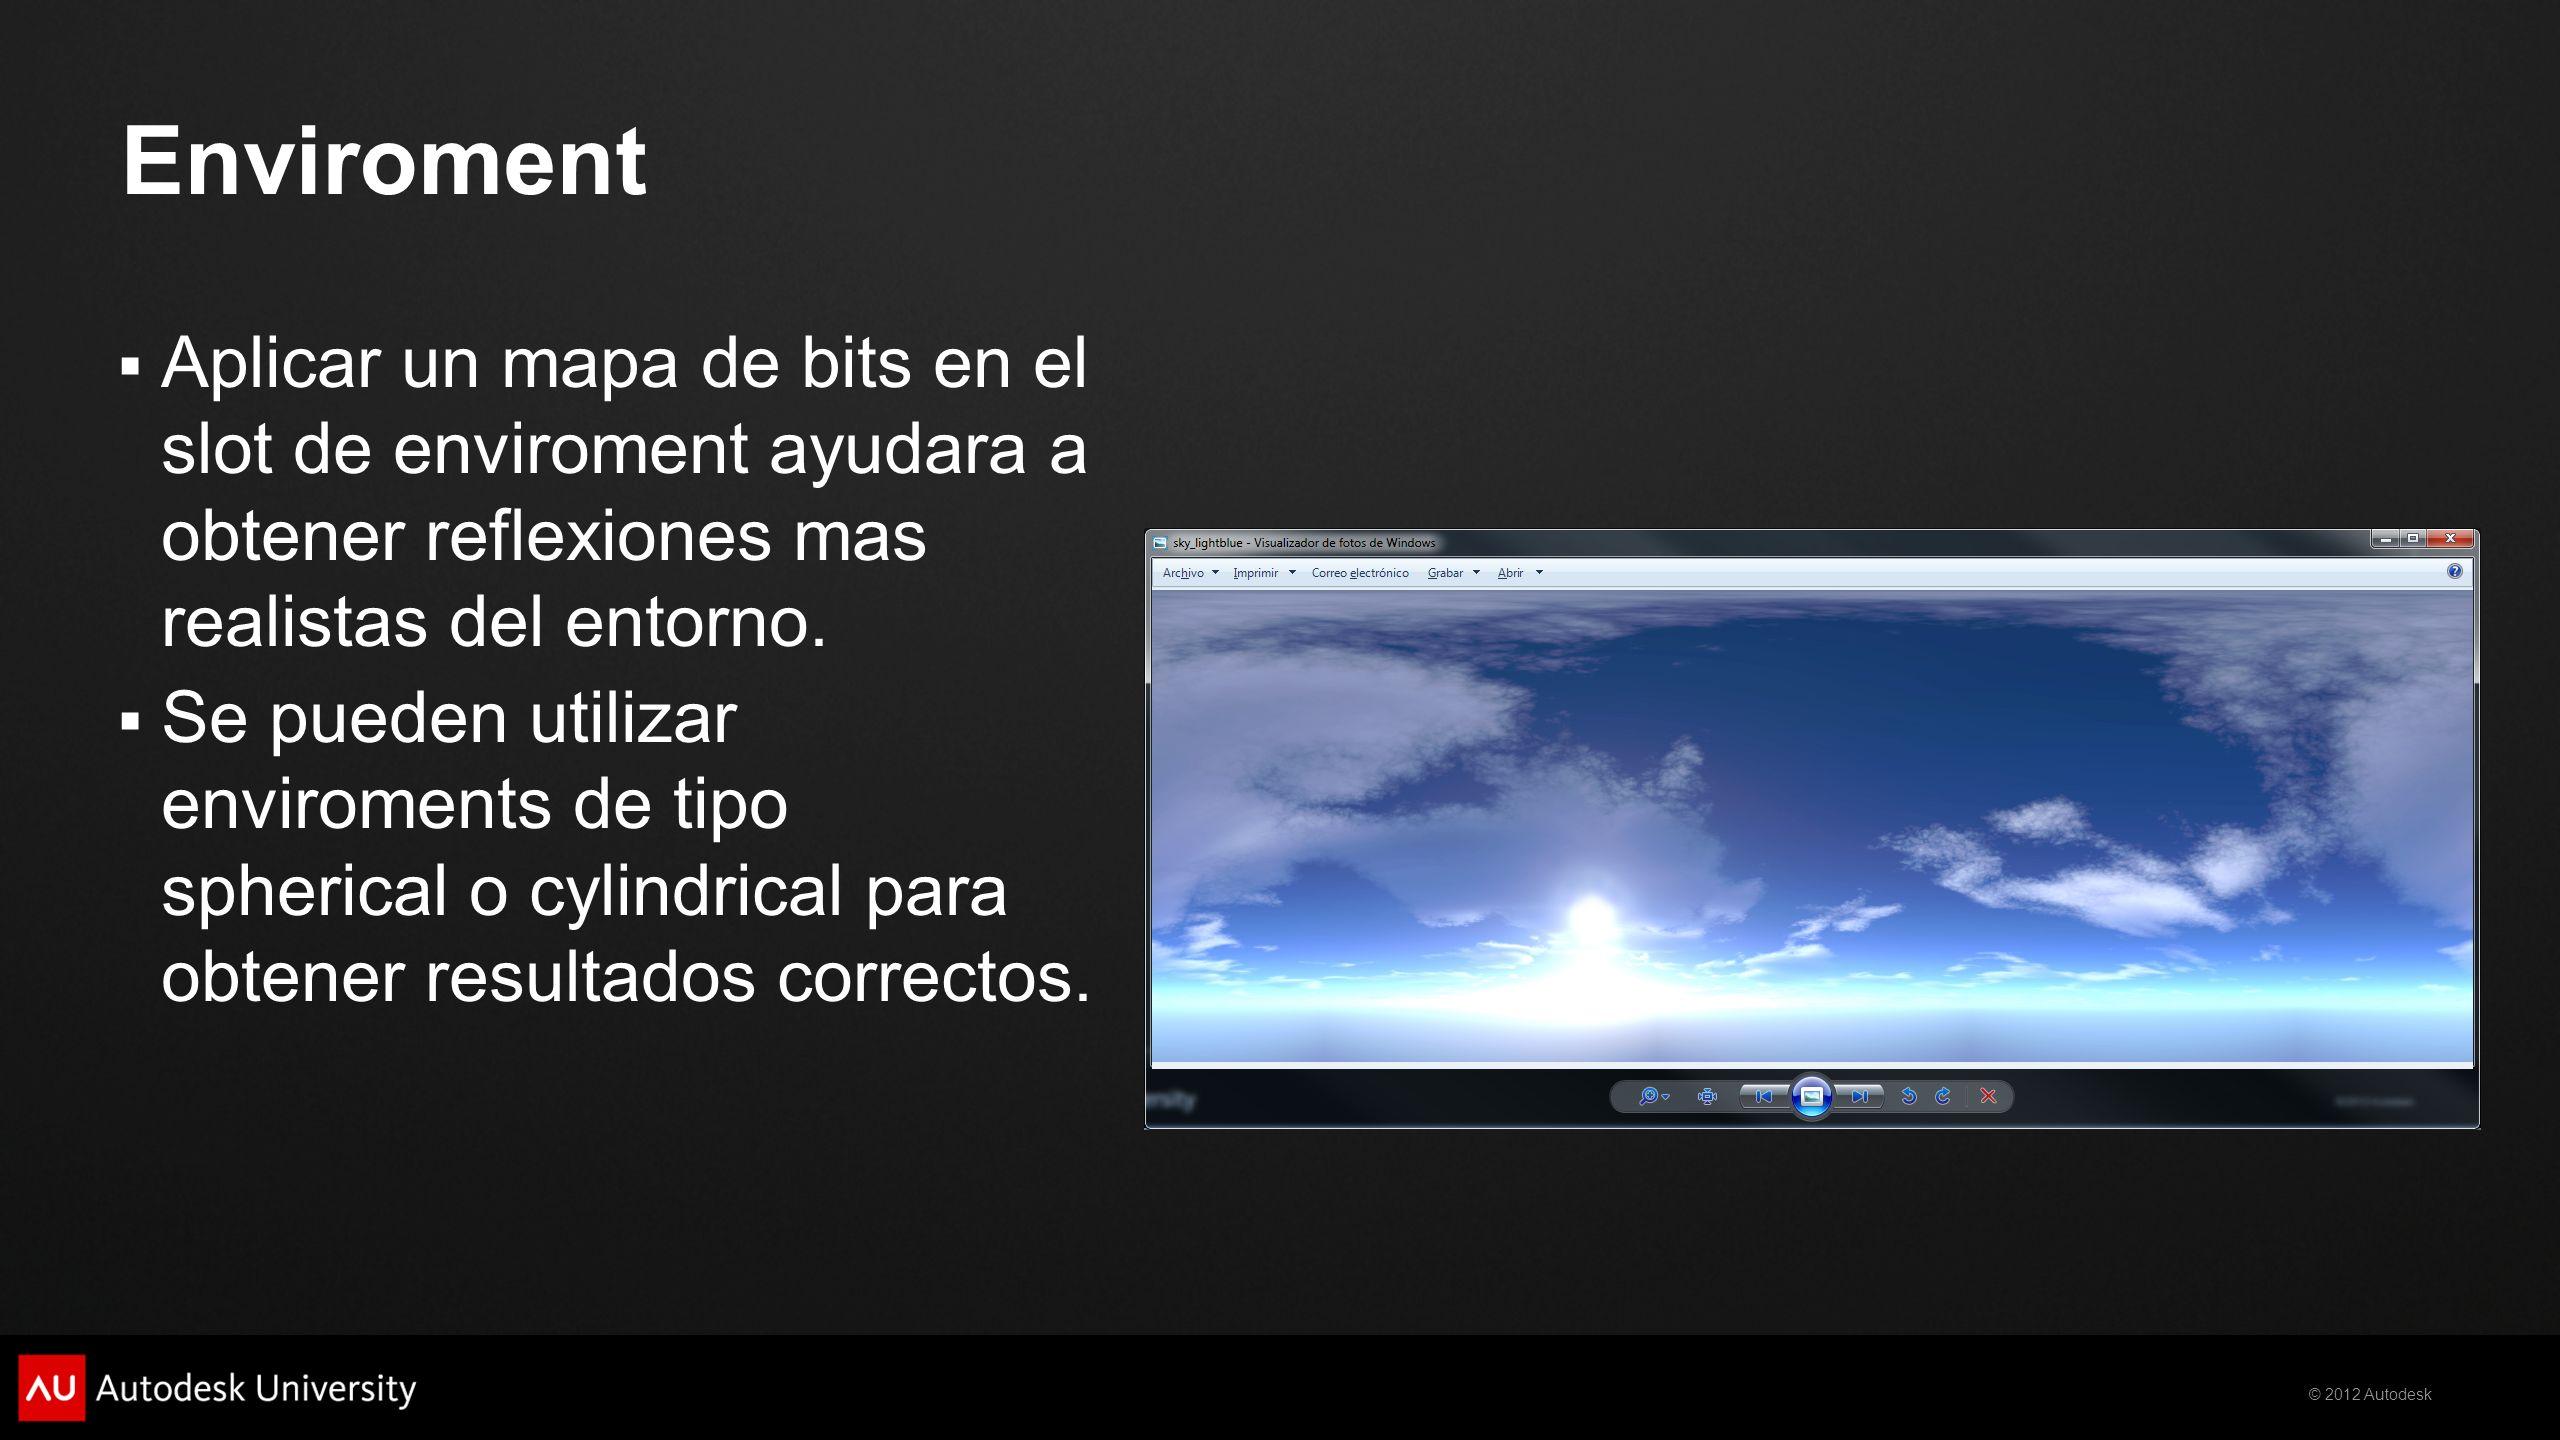 Enviroment Aplicar un mapa de bits en el slot de enviroment ayudara a obtener reflexiones mas realistas del entorno.